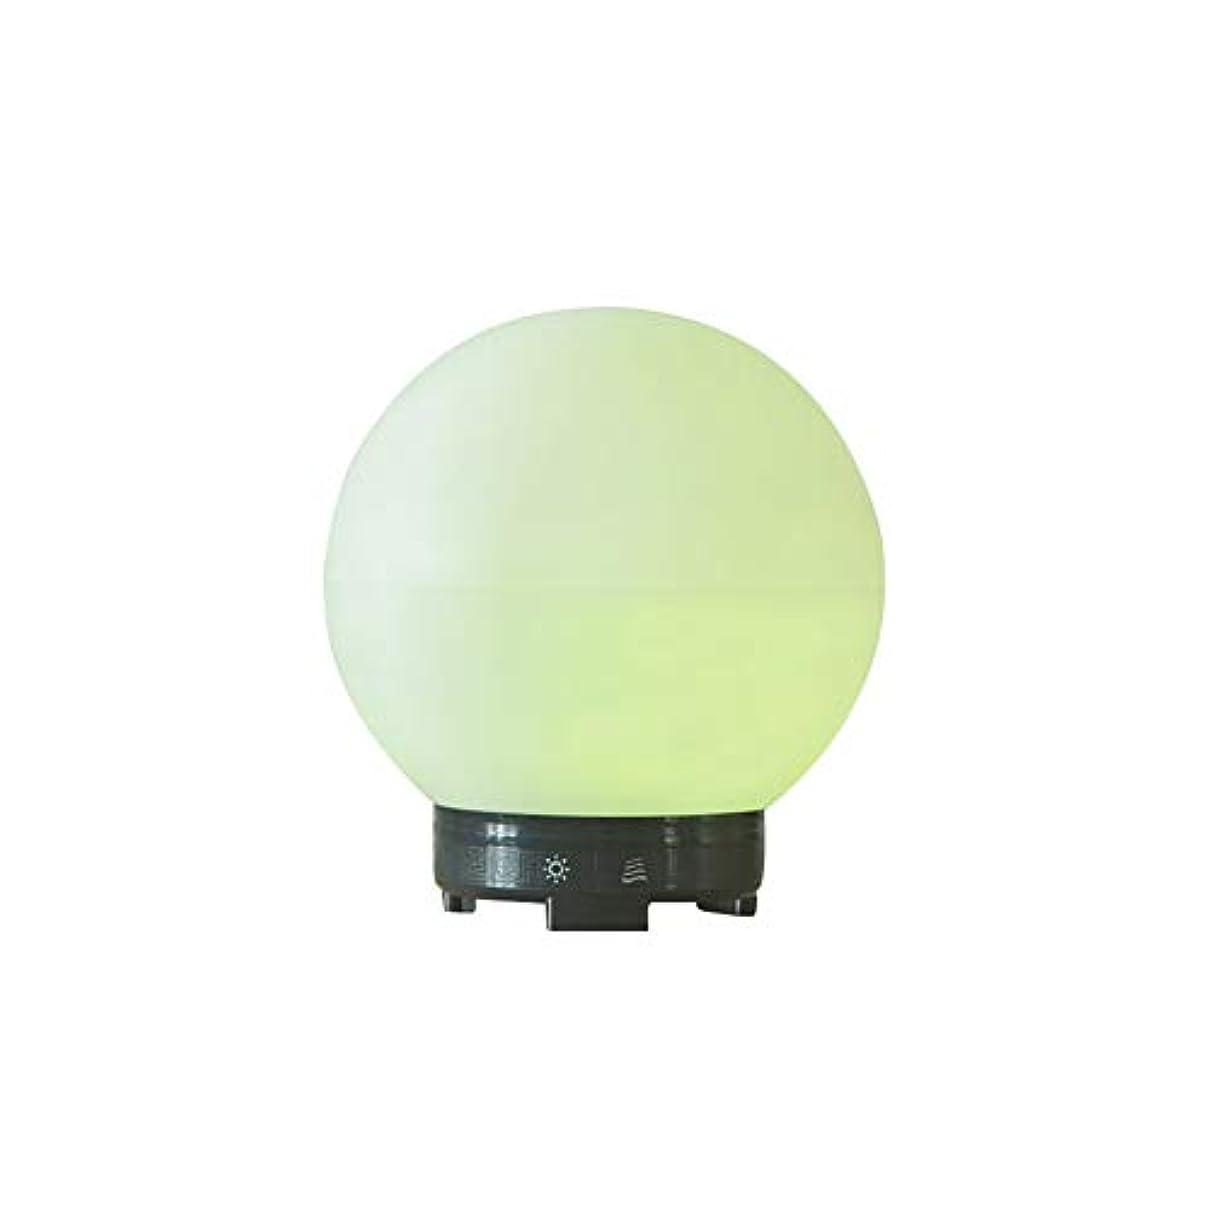 エッセンシャルオイルディフューザーと加湿器、ミストエッセンシャルオイルアロマ加湿器用の超音波アロマディフューザー、7色LEDライト